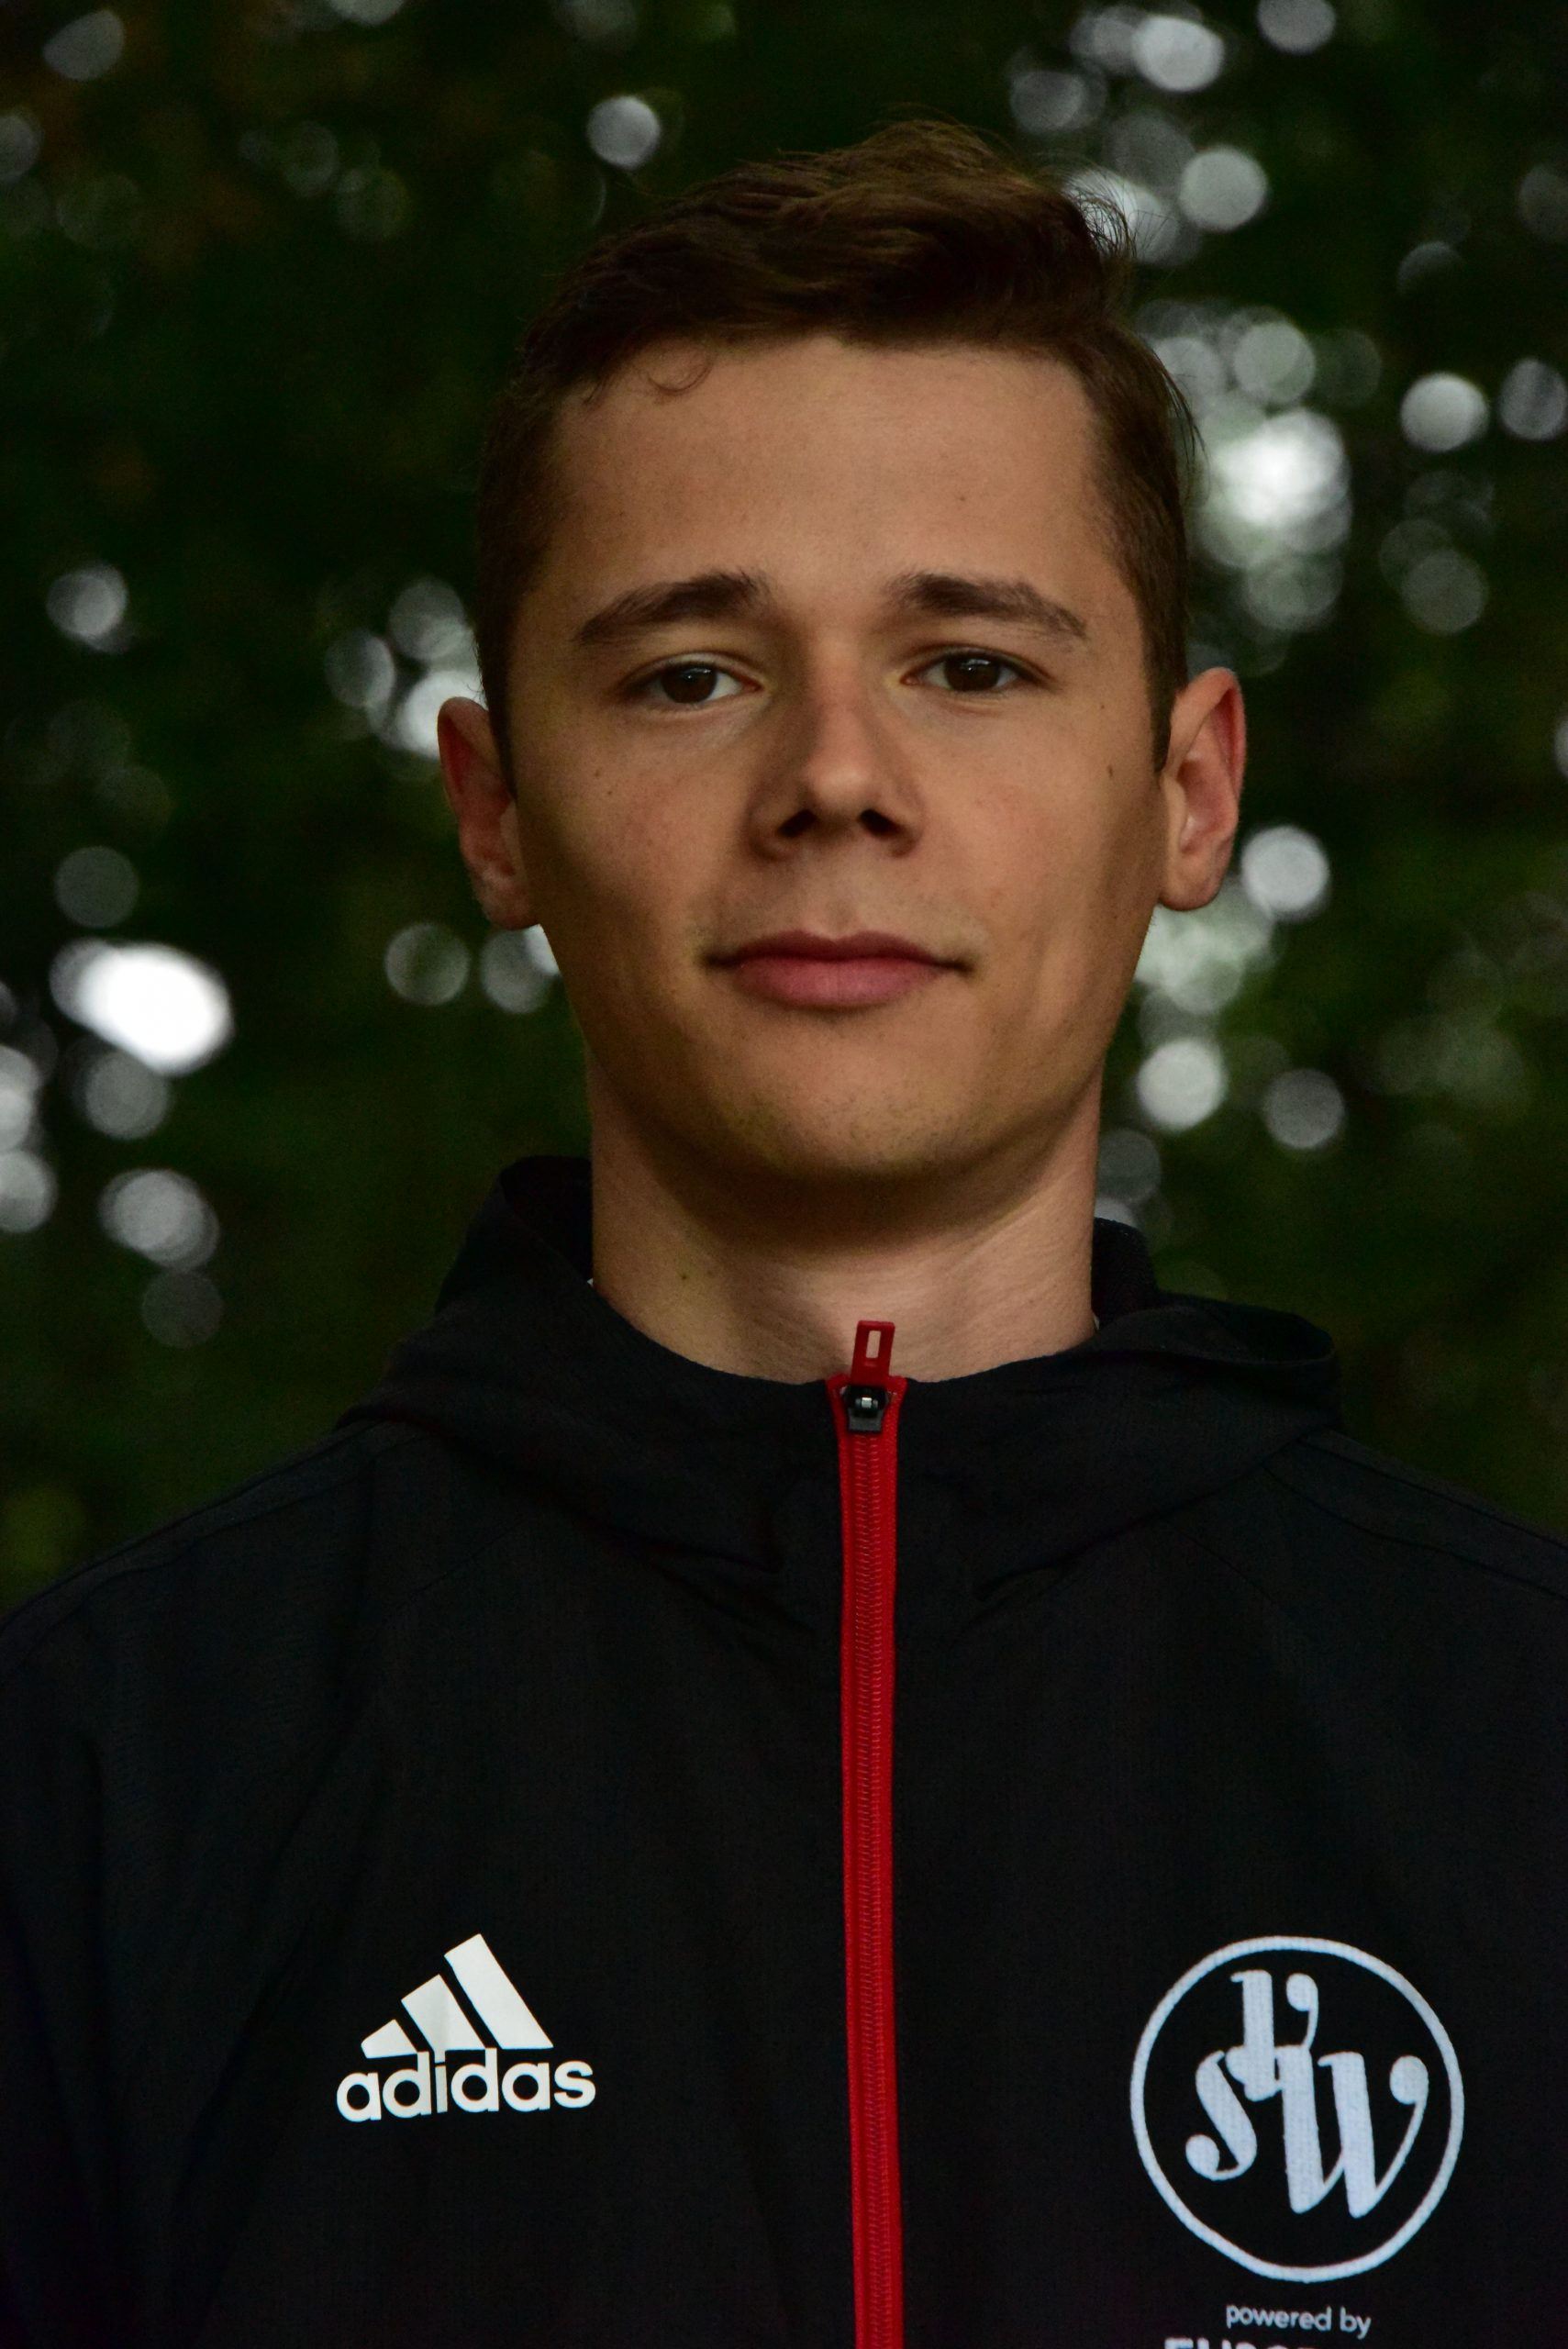 Florian Stratmann